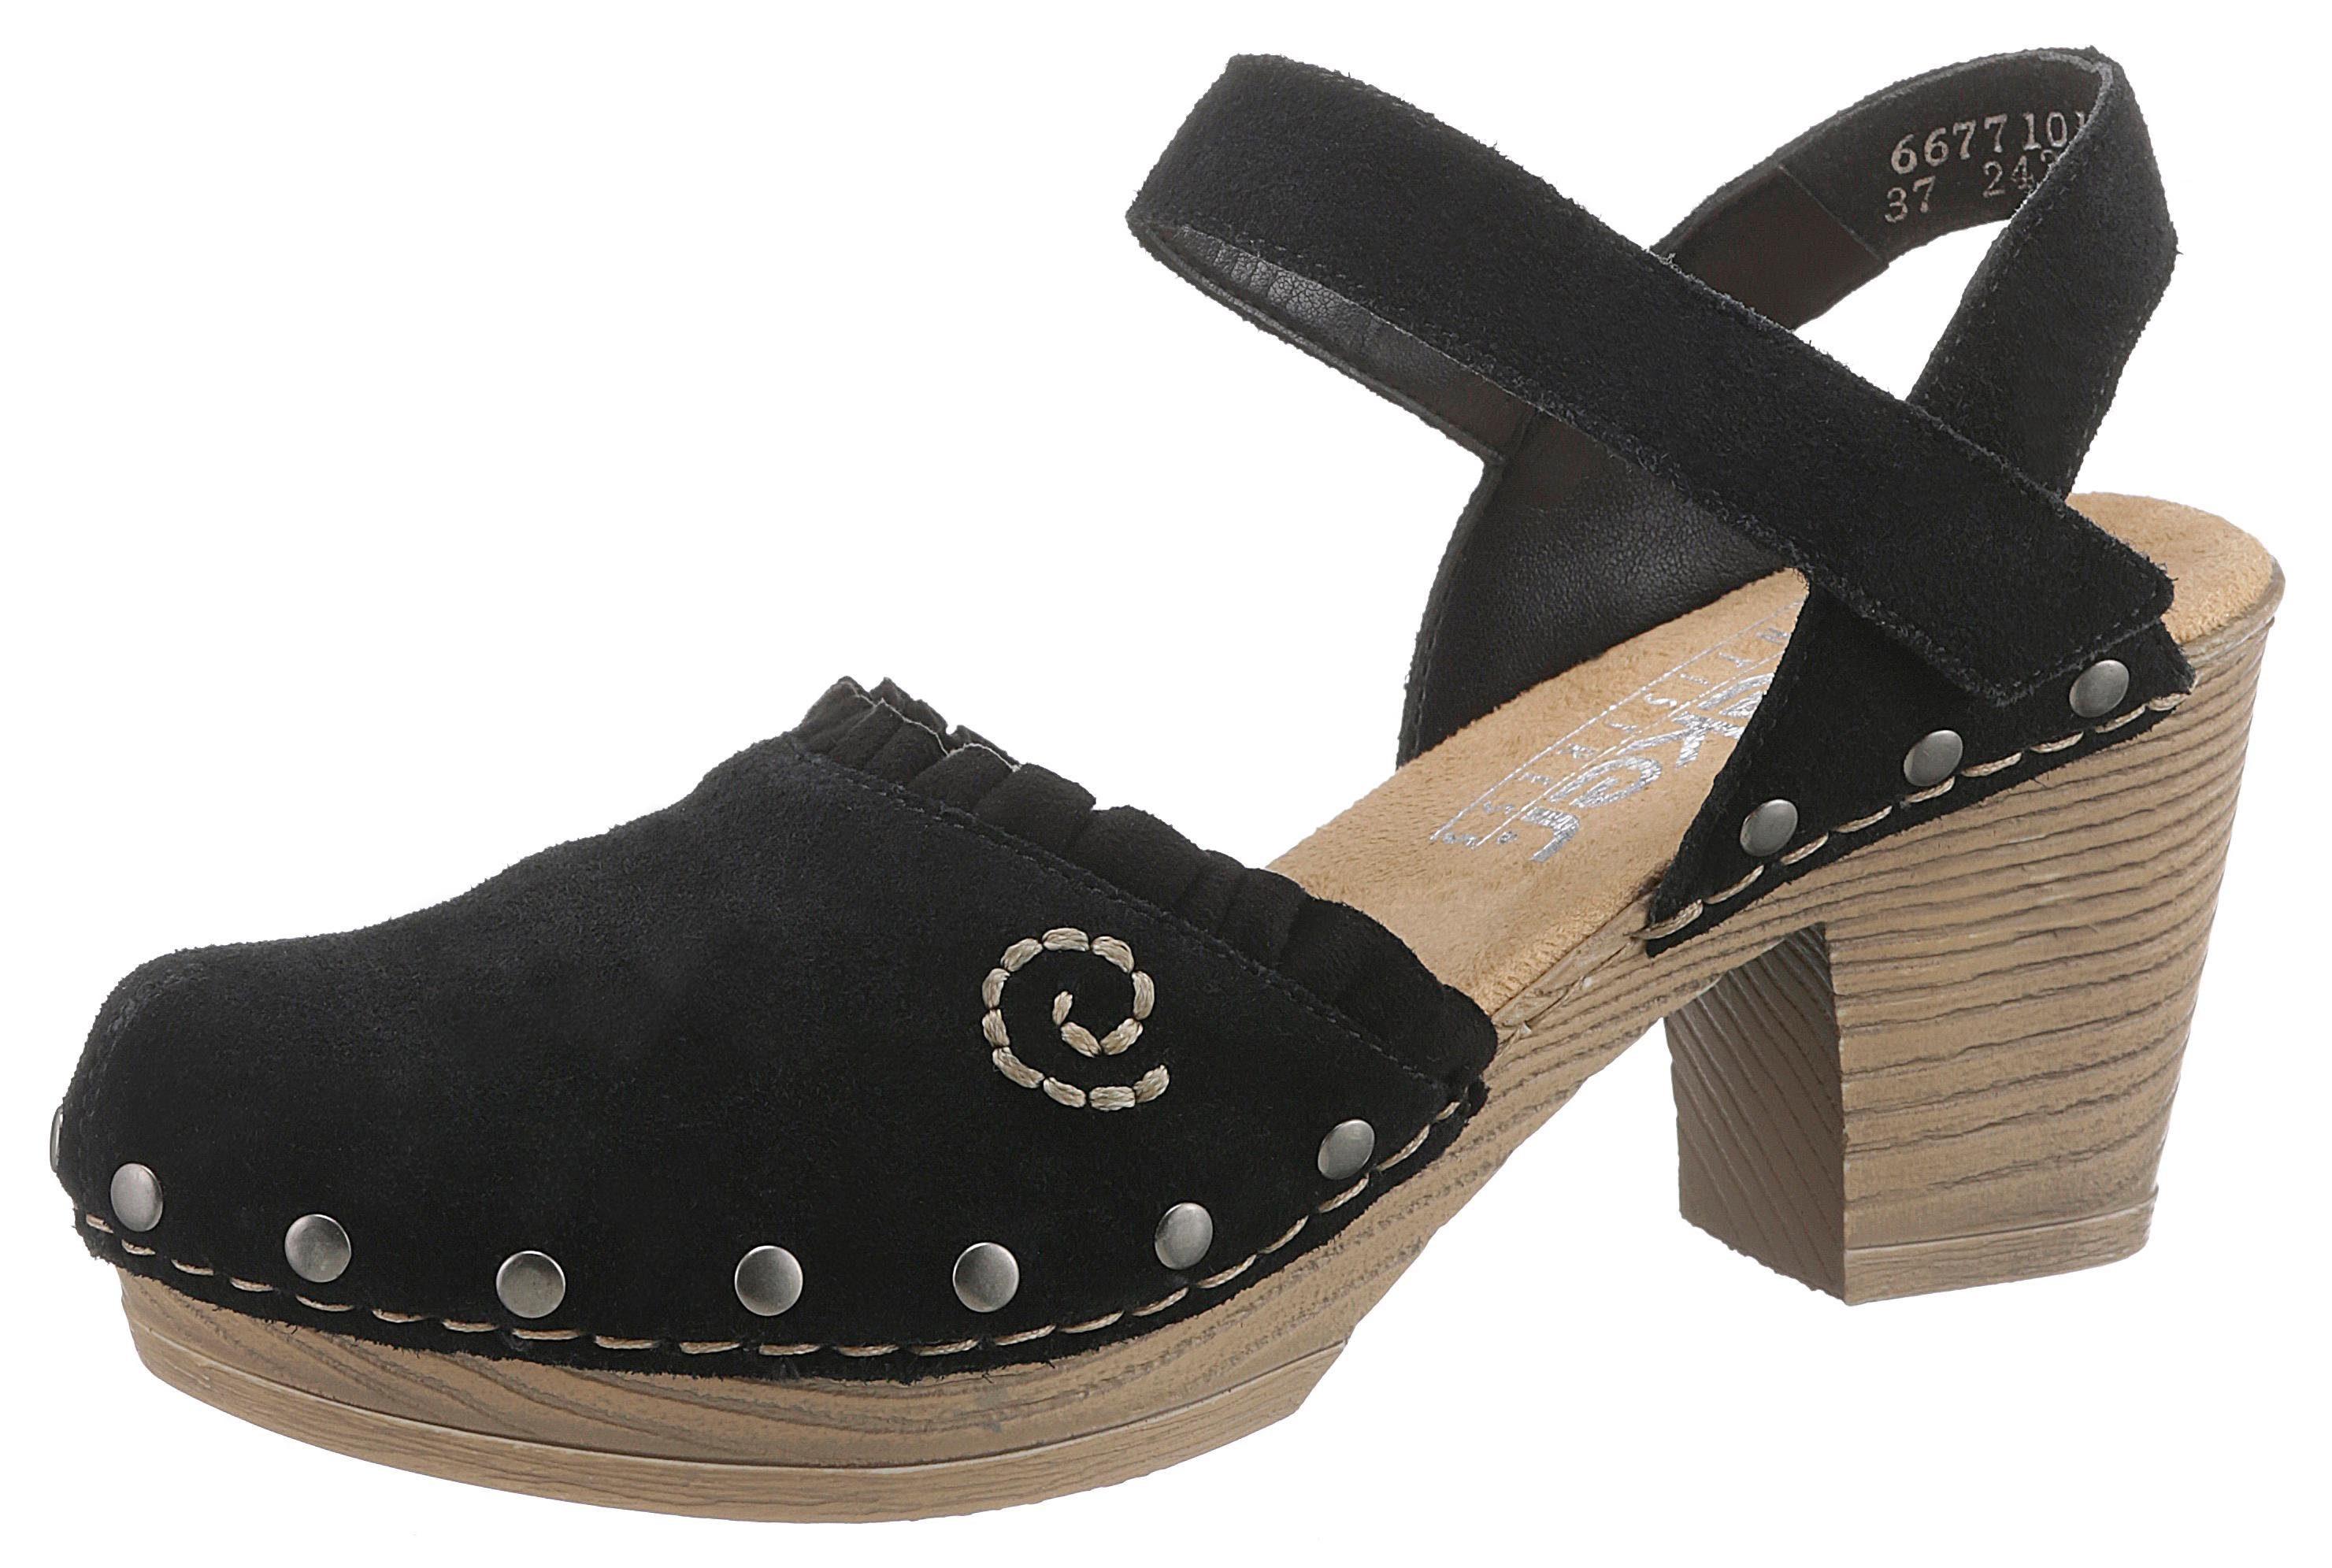 Rieker Sandalette mit Nieten, Mit aufwändiger Steppnaht online kaufen | OTTO